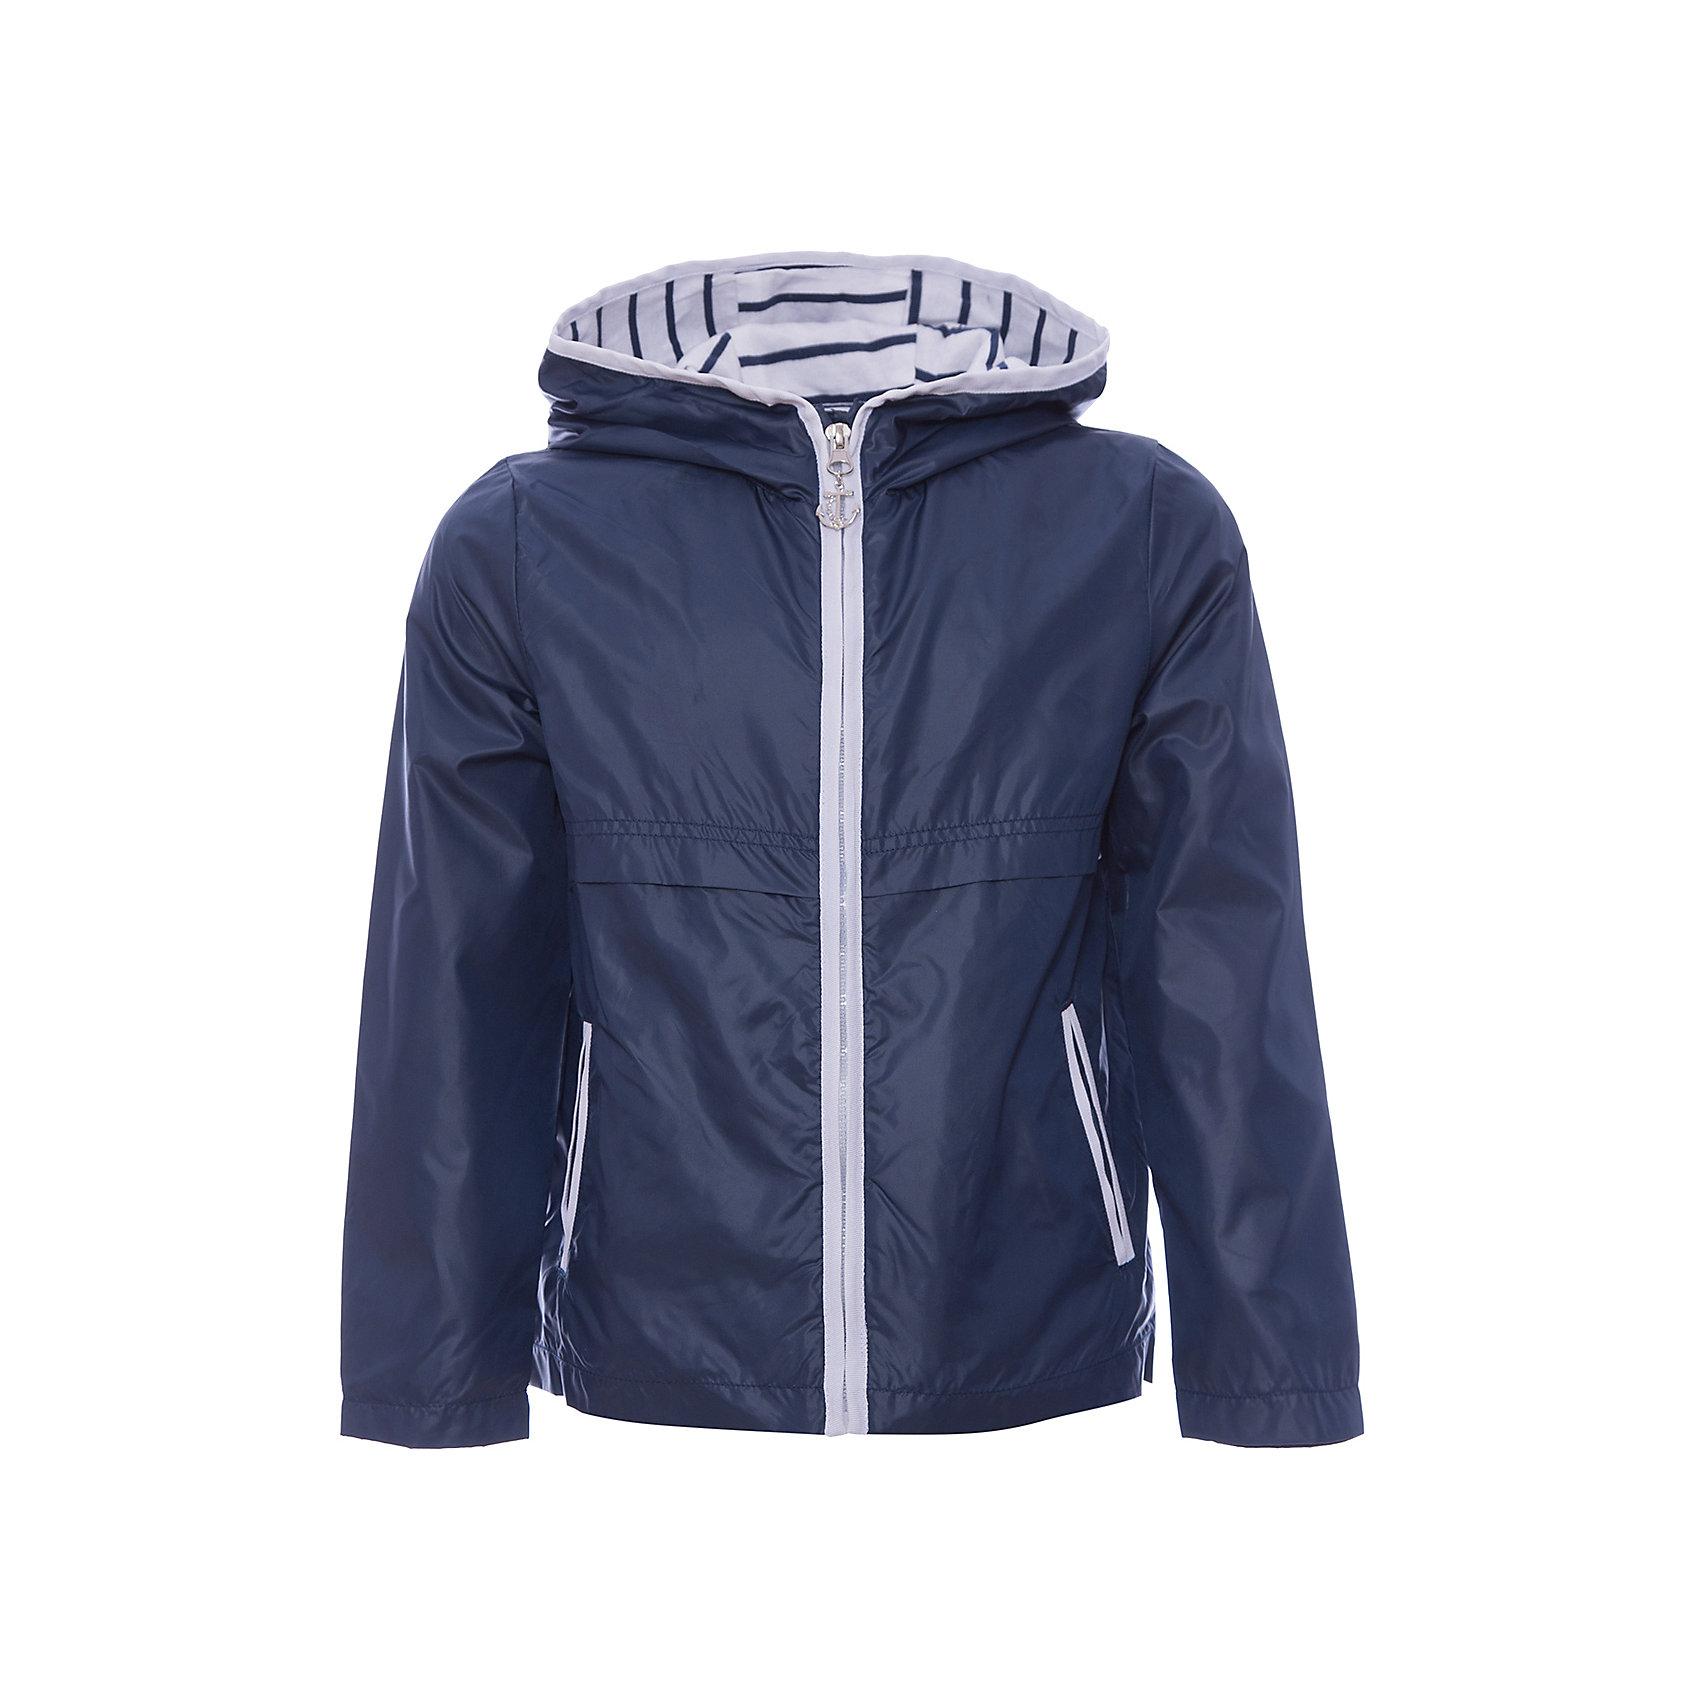 Куртка для мальчика  BUTTON BLUEВерхняя одежда<br>Куртка для мальчика BUTTON BLUE<br>Синяя ветровка с капюшоном - прекрасное решение для летней прохлады. Модная комфортная форма, продуманные детали подарят отличное настроение, мягкая трикотажная подкладка обеспечит уют, капюшон защитит от дождя и ветра. Если вы решили купить ветровку для девочки недорого, но хотите быть уверены в ее комфорте, качестве, высоких потребительских свойствах, ветровка Button Blue - то, что нужно!<br>Состав:<br>Ткань  верха: 100%  полиэстер, подклад: 100% хлопок/ 100% полиэстер<br><br>Ширина мм: 356<br>Глубина мм: 10<br>Высота мм: 245<br>Вес г: 519<br>Цвет: синий<br>Возраст от месяцев: 24<br>Возраст до месяцев: 36<br>Пол: Мужской<br>Возраст: Детский<br>Размер: 98,158,152,146,140,134,128,122,116,110,104<br>SKU: 5523376